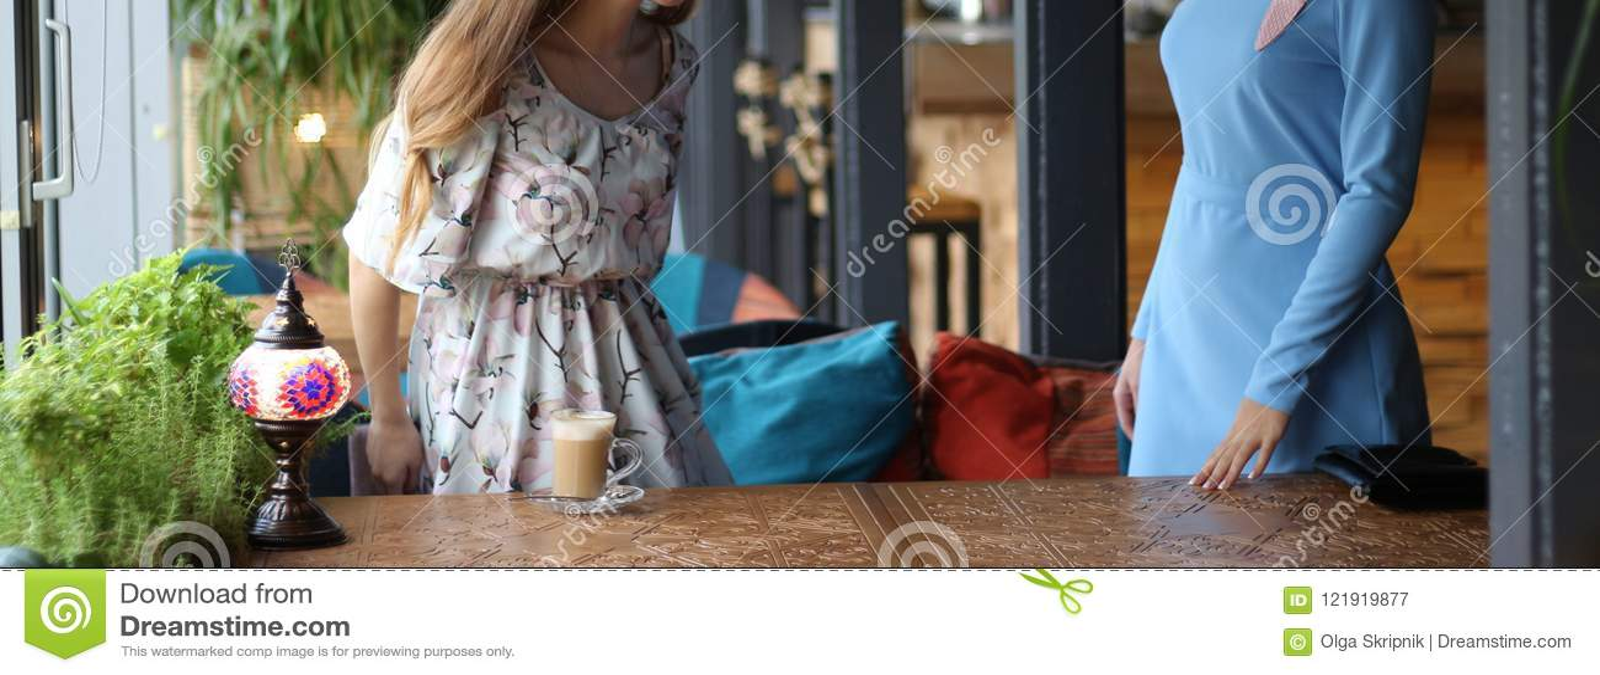 встречать 2 женщин в кафе для кофе , который стоят до приветствовать второе голубое платье, платье в цветке, на высекаенной табли